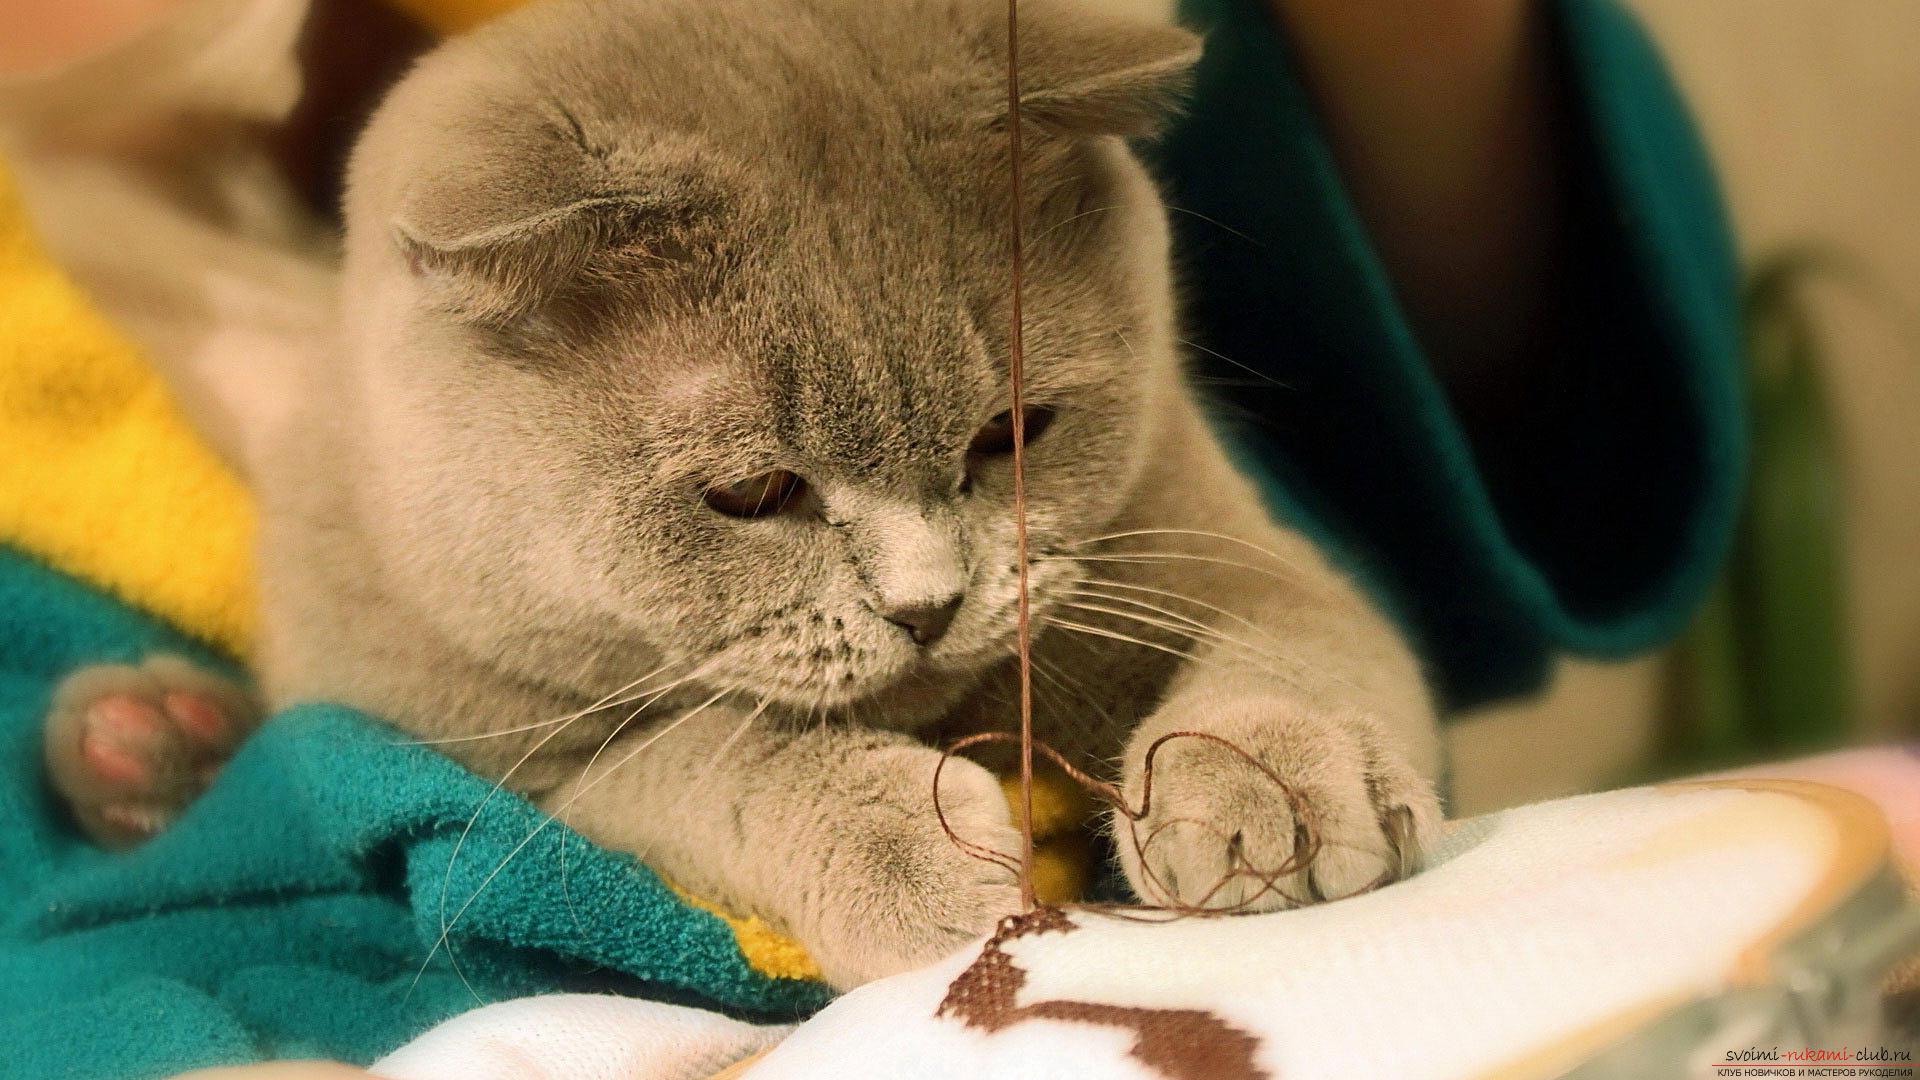 Уроки вышивки крестом для начинающих бесплатно, схемы вышивки крестом, бесплатные схемы вышивки